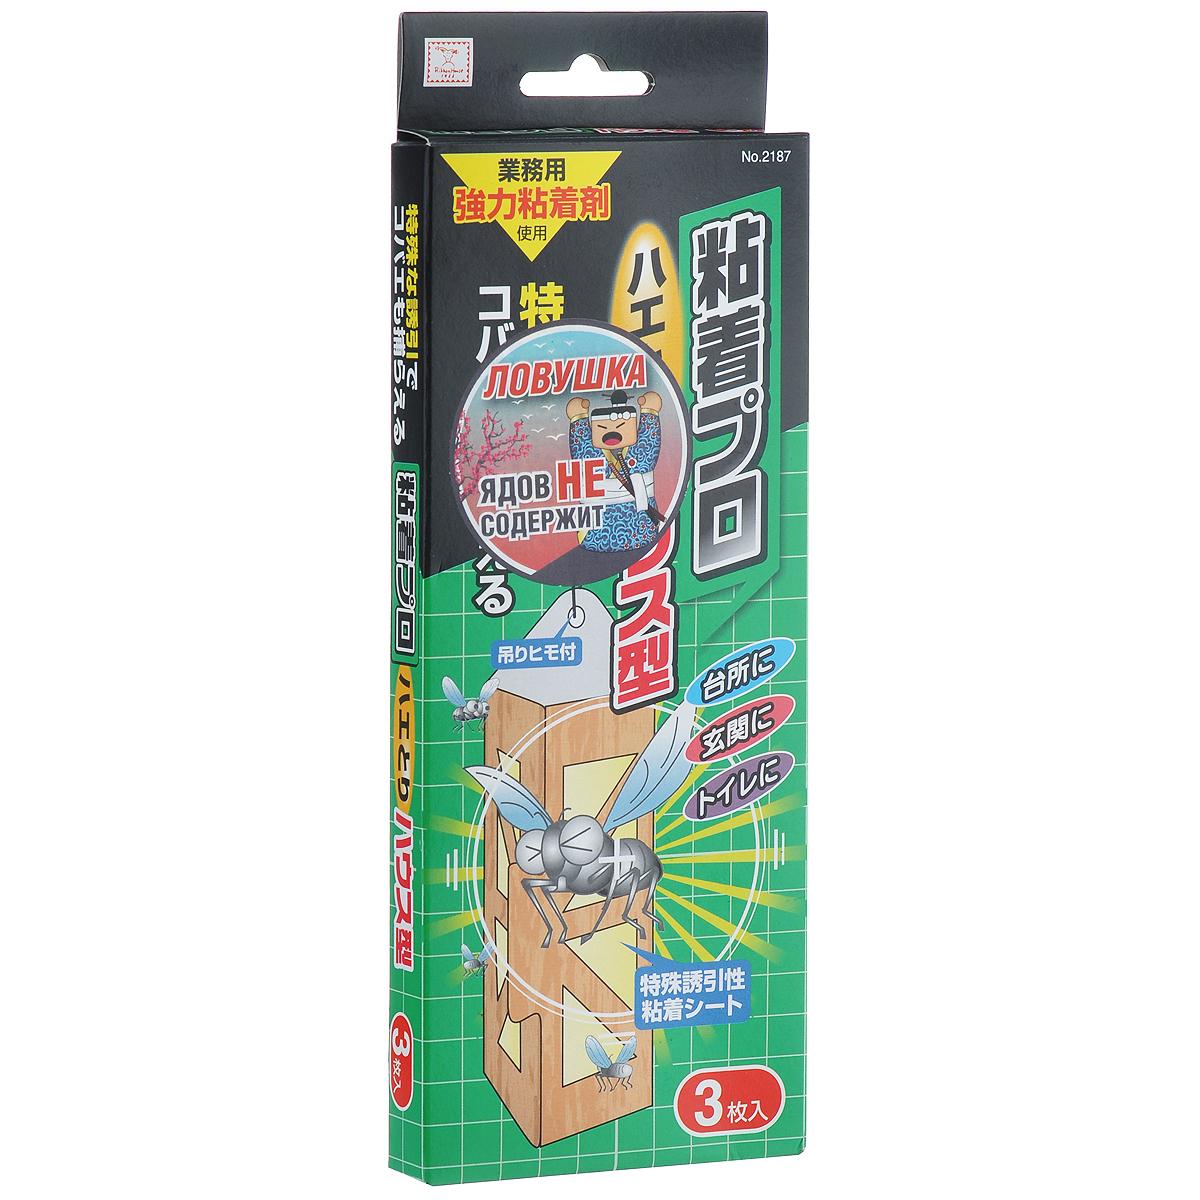 Средство от мух KOKUBO Nenchaku Pro, 3 шт221875Удобная и безопасная ловушка KOKUBO Nenchaku Pro, выполненная в виде картонного домика с липкой поверхностью, избавит вас от мух на кухне, в туалете, в местах хранения мусора, в саду, в местах пребывания домашних животных. В наборе три домика. Рекомендуется использовать на кухне, в прихожей, в туалете, вокруг мусорного бочка, рядом с конурой собаки или местом обитания домашнего питомца, рядом с горшками растений. Состав: бумага, древесные волокна, полиэтилен, переработанный крахмал, силикон, полибутен. Размер домика с сложенном виде: 18 см х 7 см х 5 см.